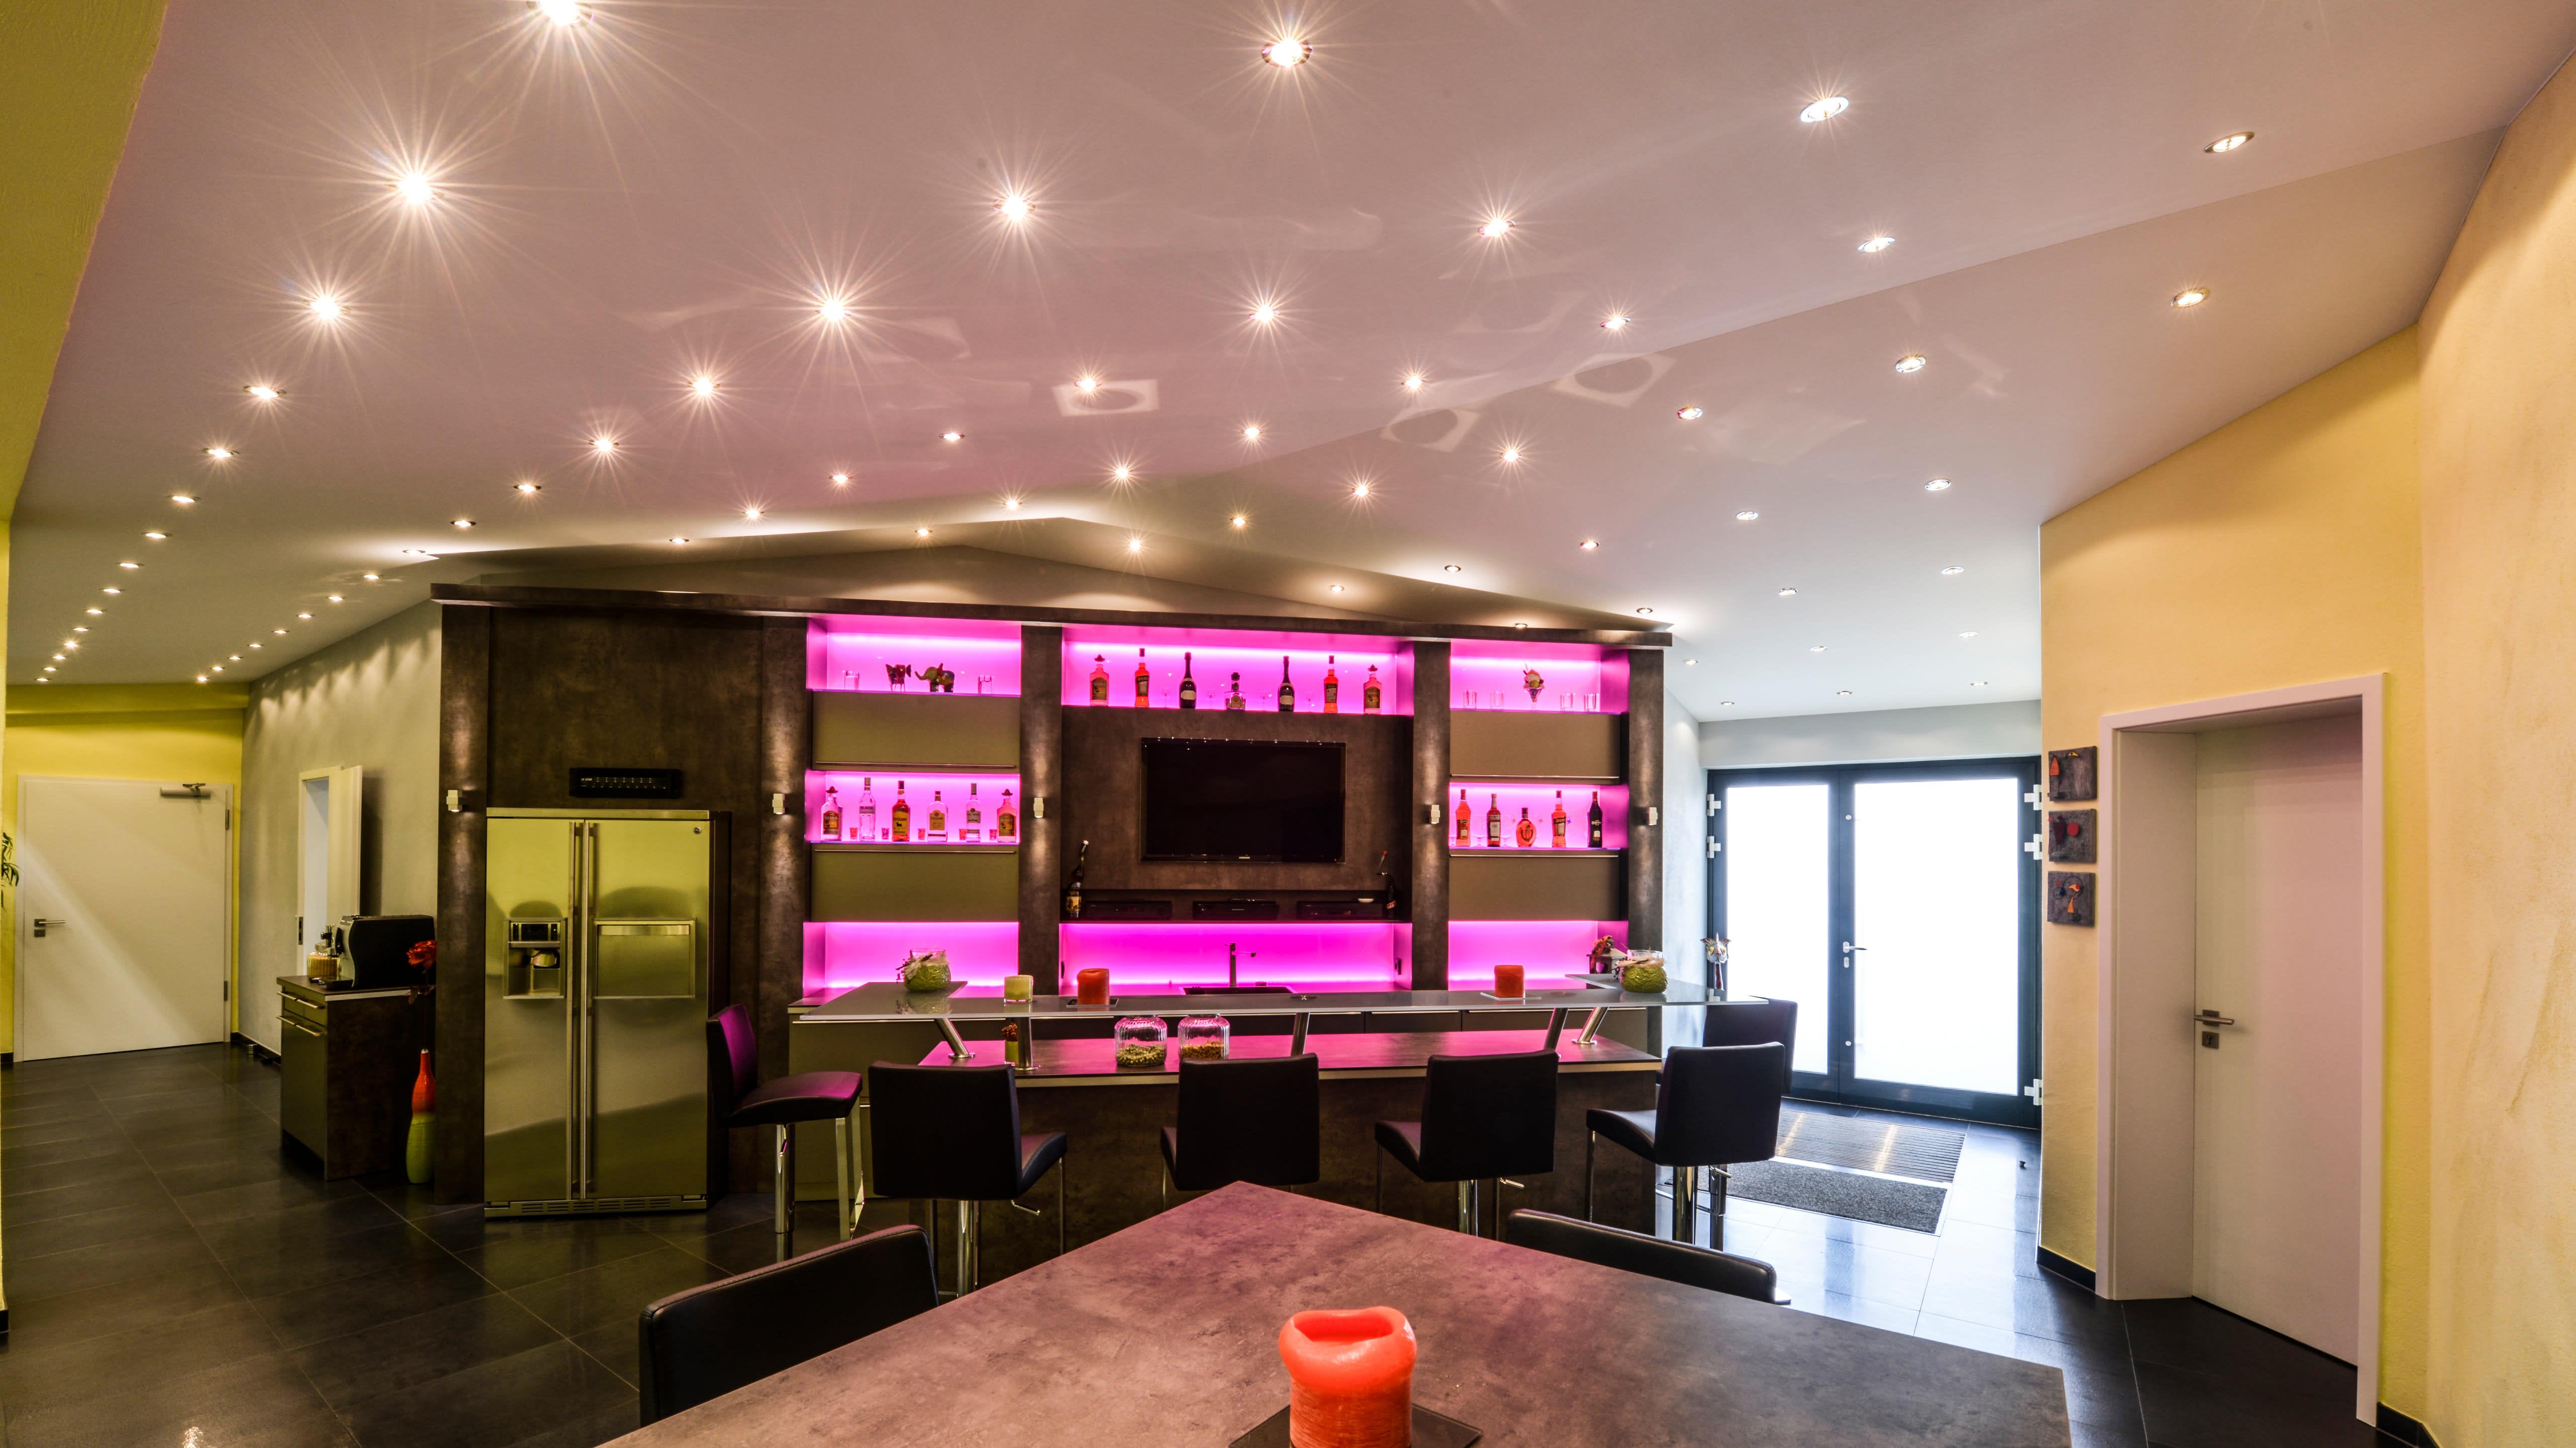 Beleuchtungskonzept im privaten Barbereich mit schicken Deckenspots sowie RGB-Hinterleuchtung hinter dem Flaschenregal.